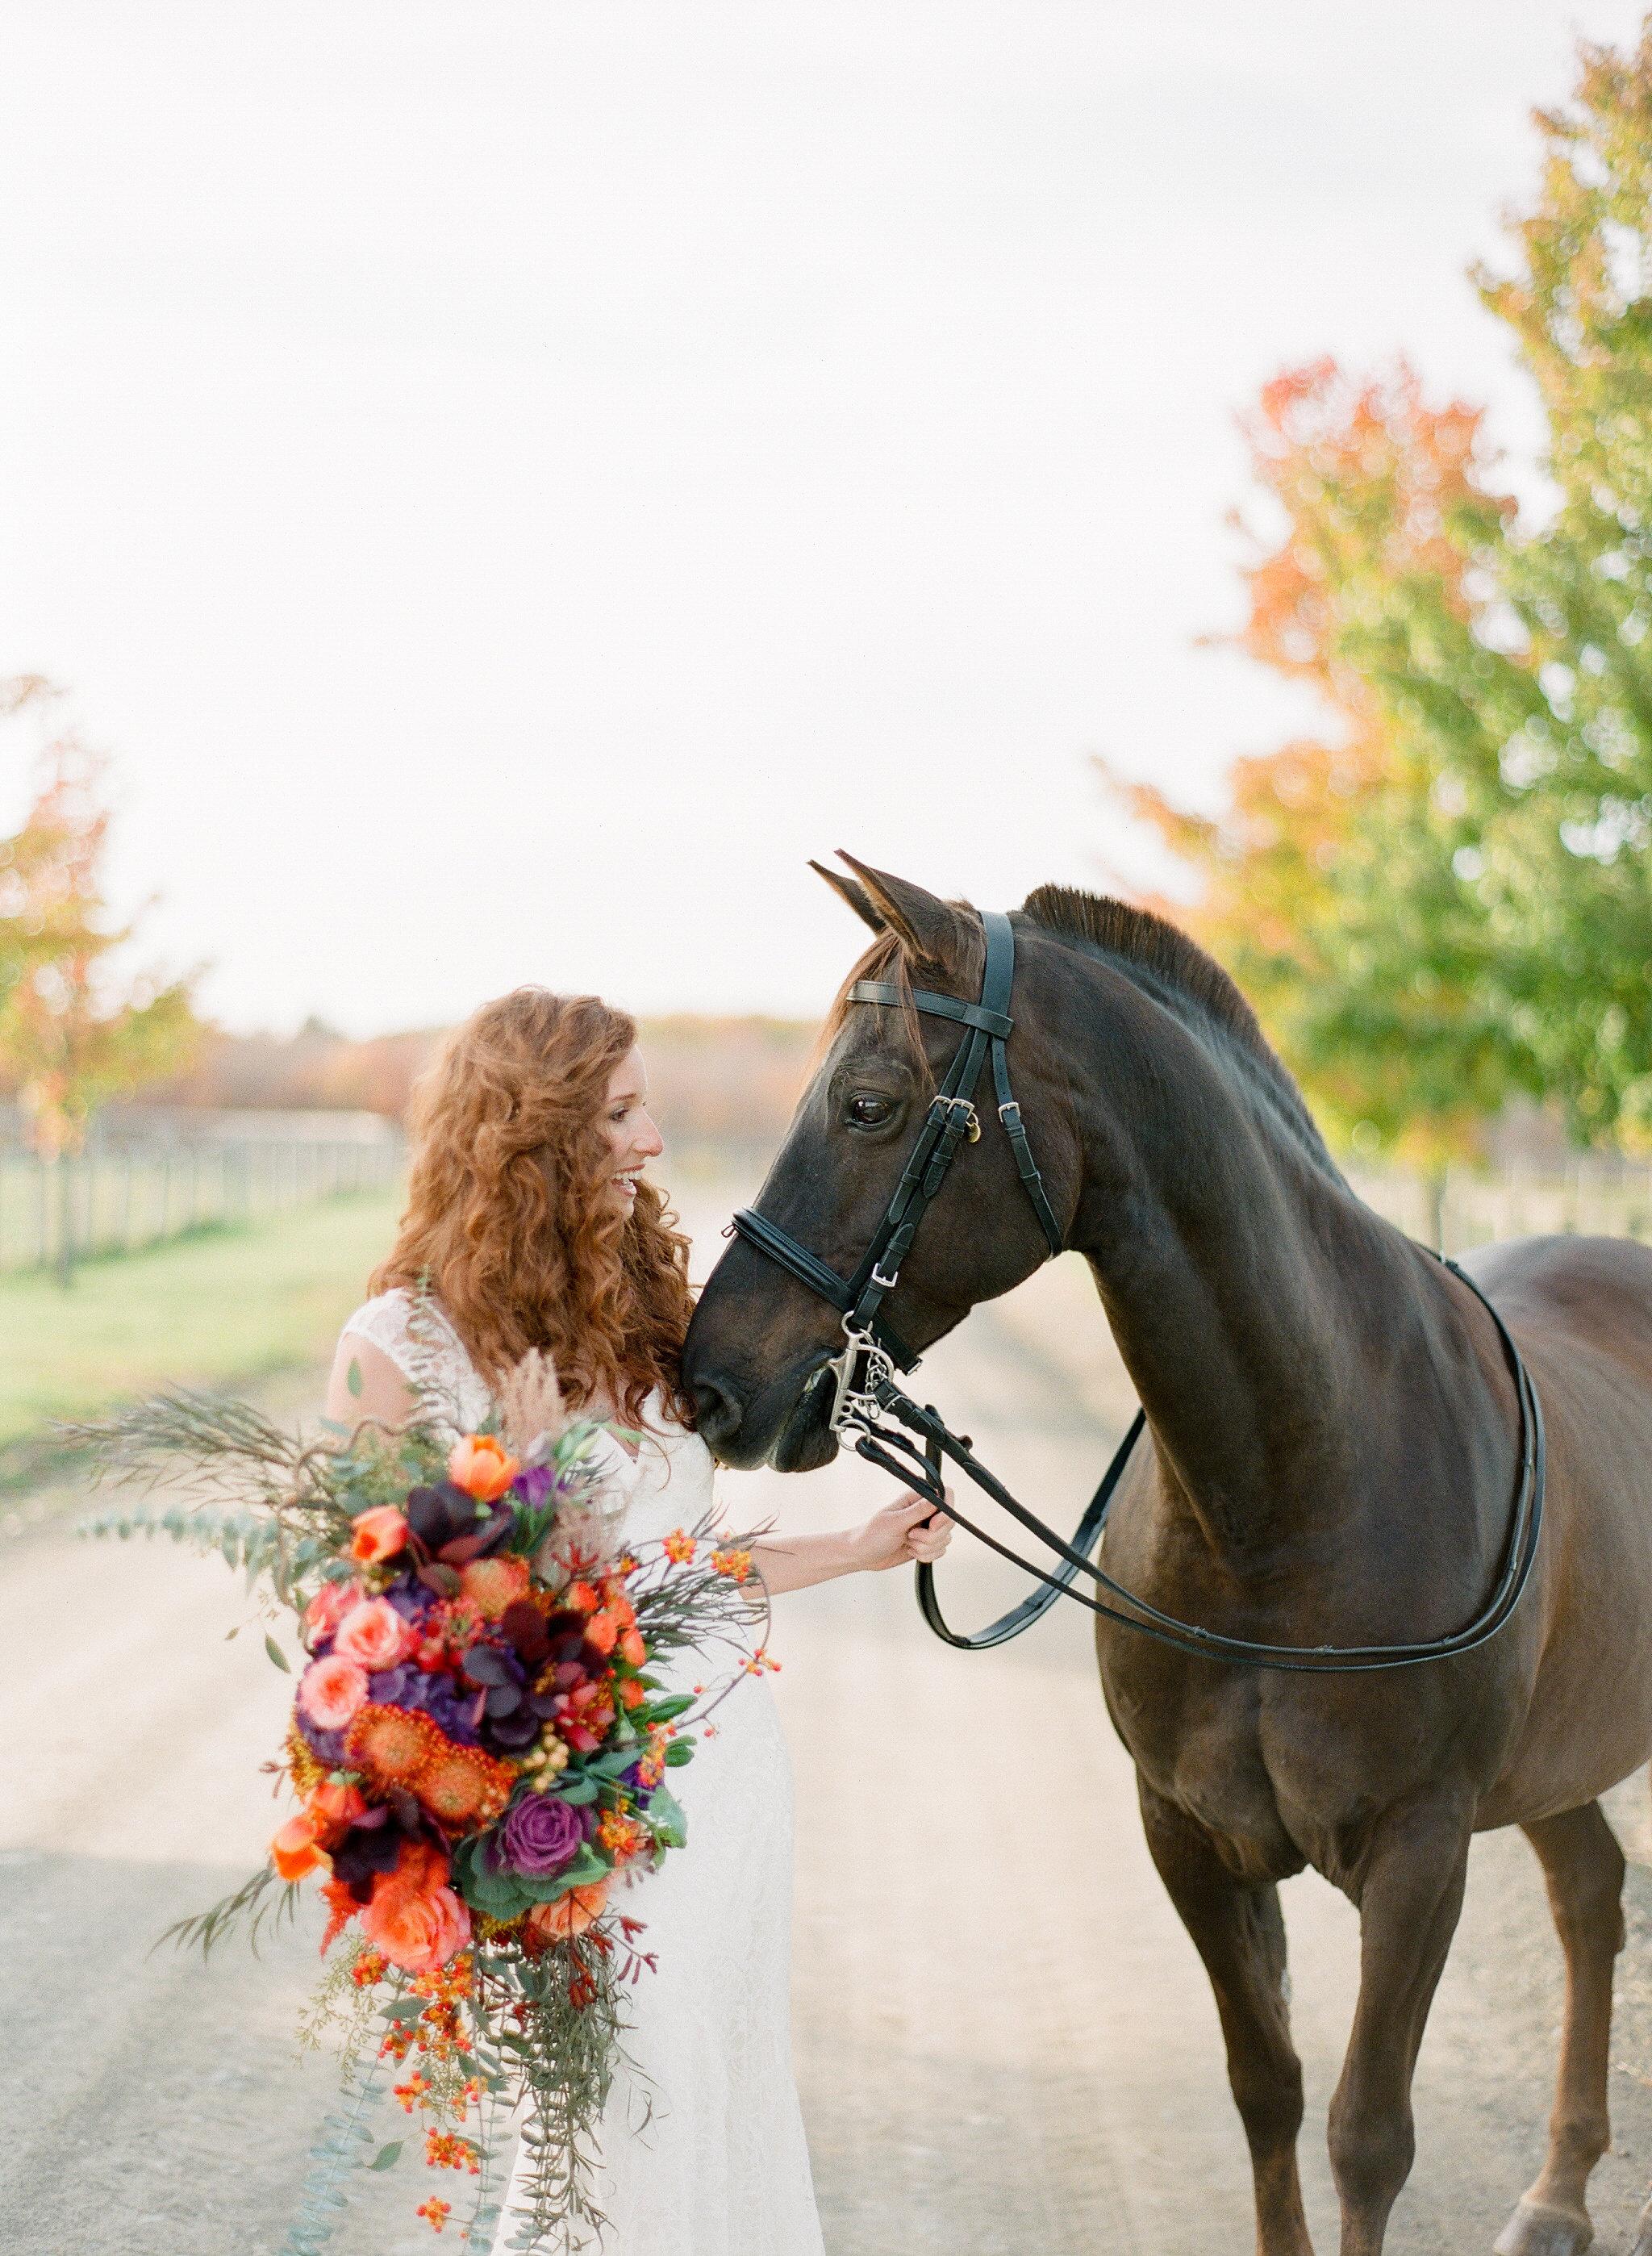 Лошадка Для Детей картинки, бесплатные обои и фото 26